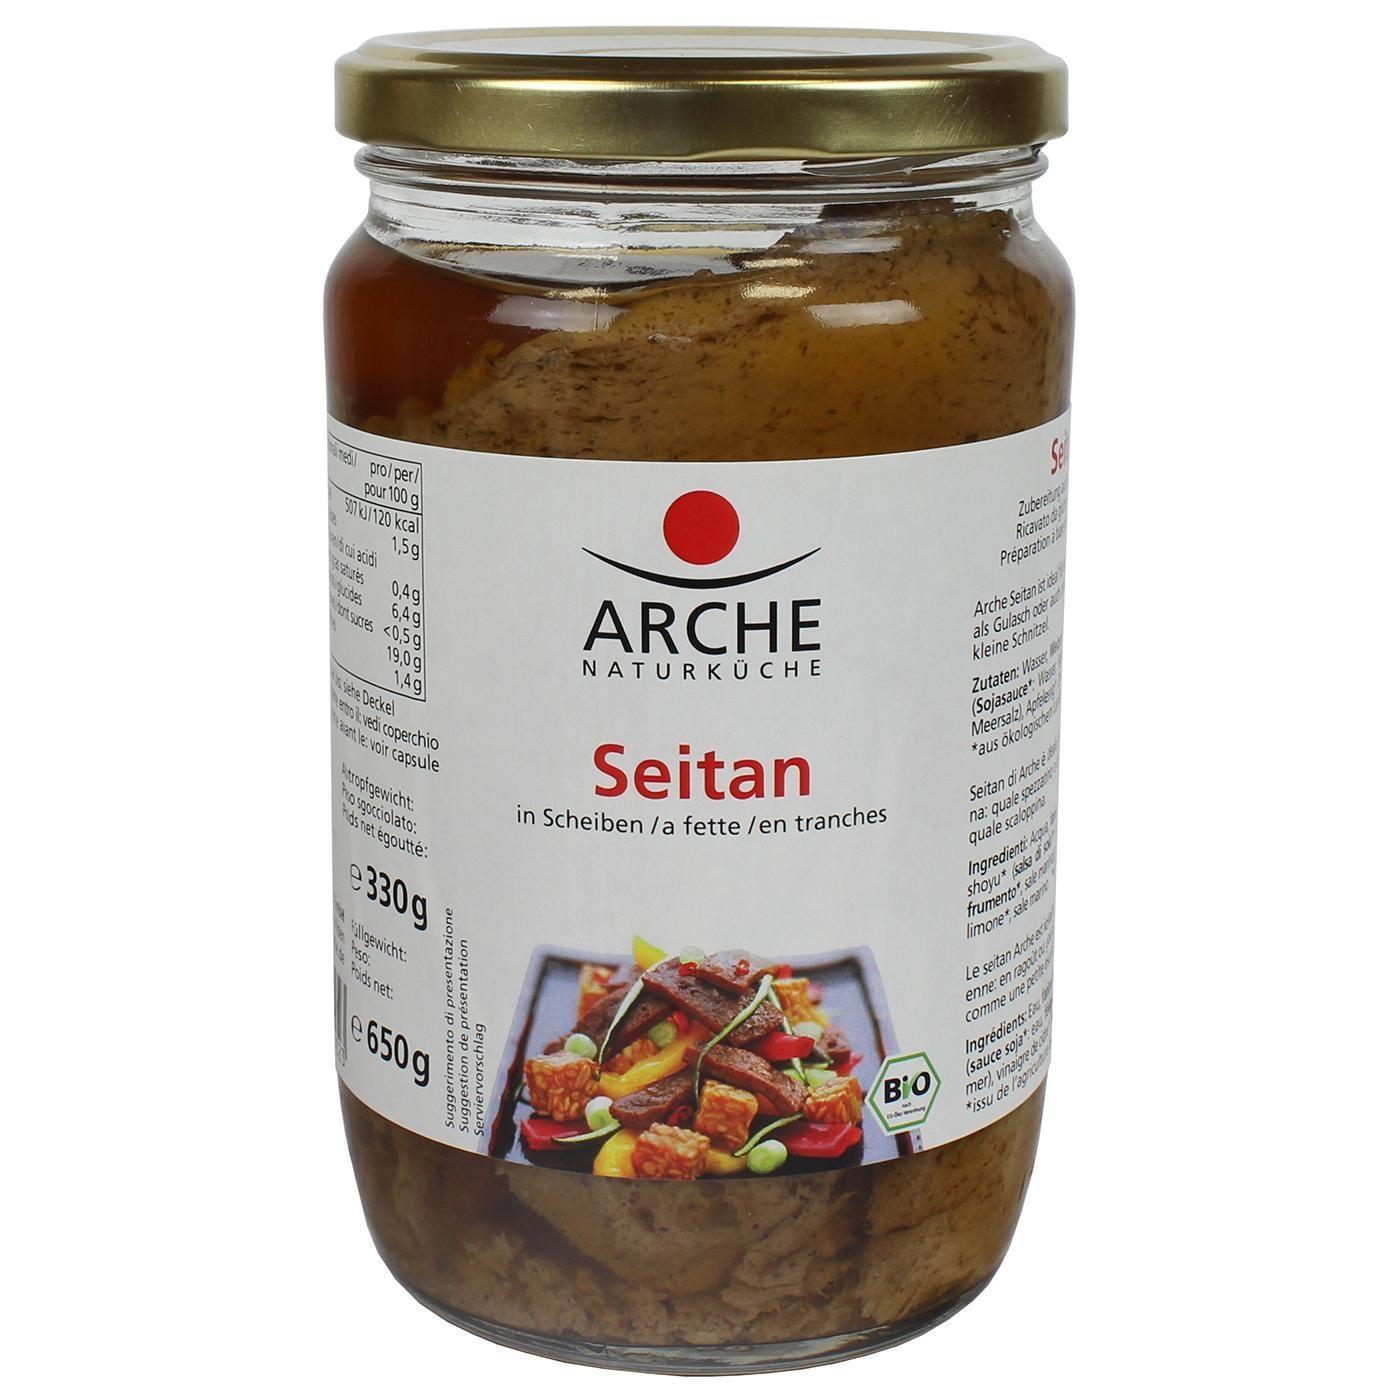 Arche Bio Seitan in Scheiben 650g